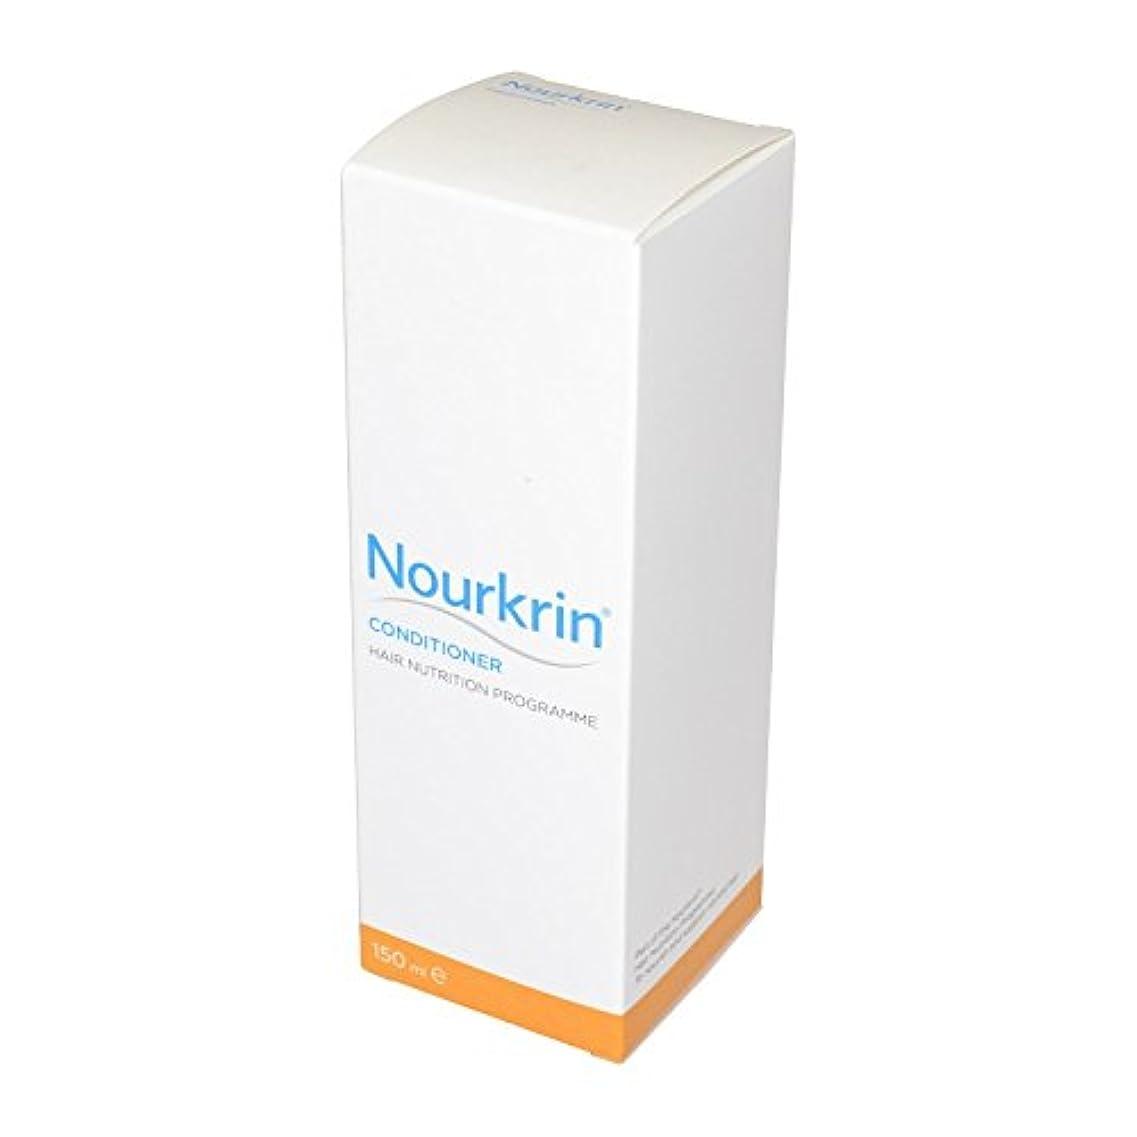 同封するほこりっぽい肥料Nourkrin Conditioner (Pack of 2) - Nourkrinコンディショナー (x2) [並行輸入品]